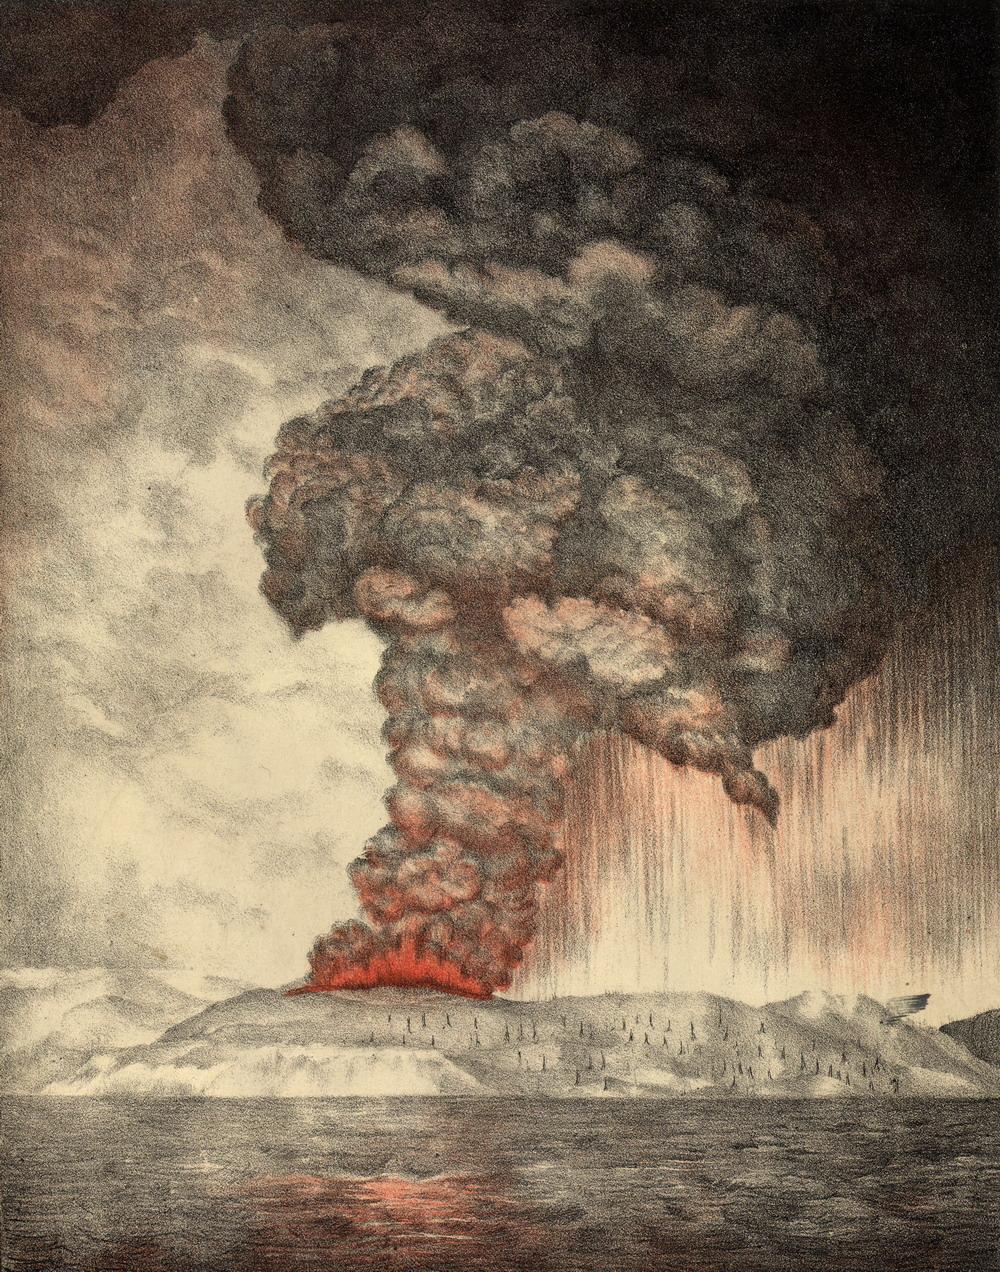 Извержение 1883 года (литография, 1888)